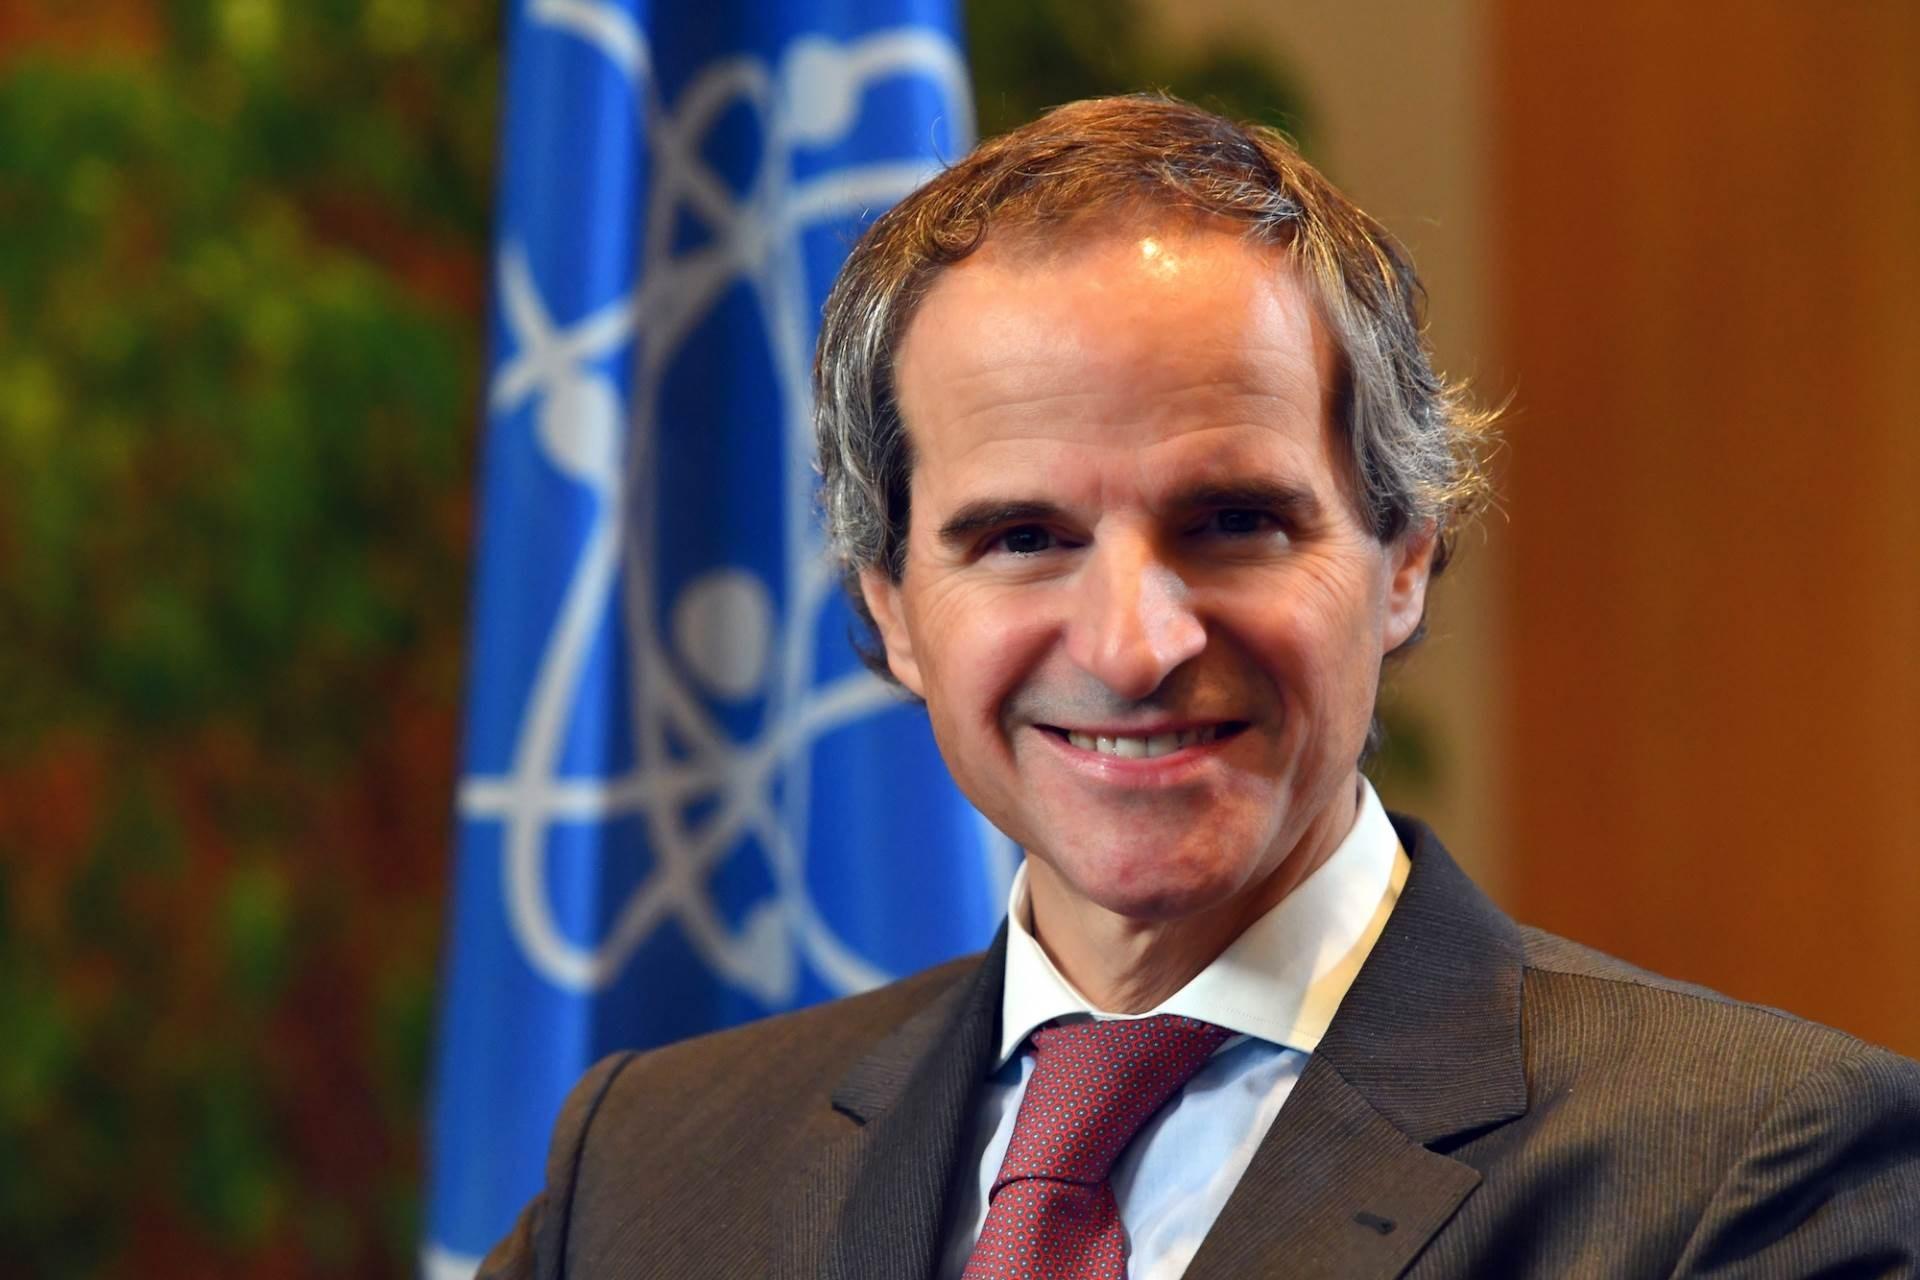 مدير الوكالة الدولية للطاقة الذرية يزور طهران لتعزيز التعاون